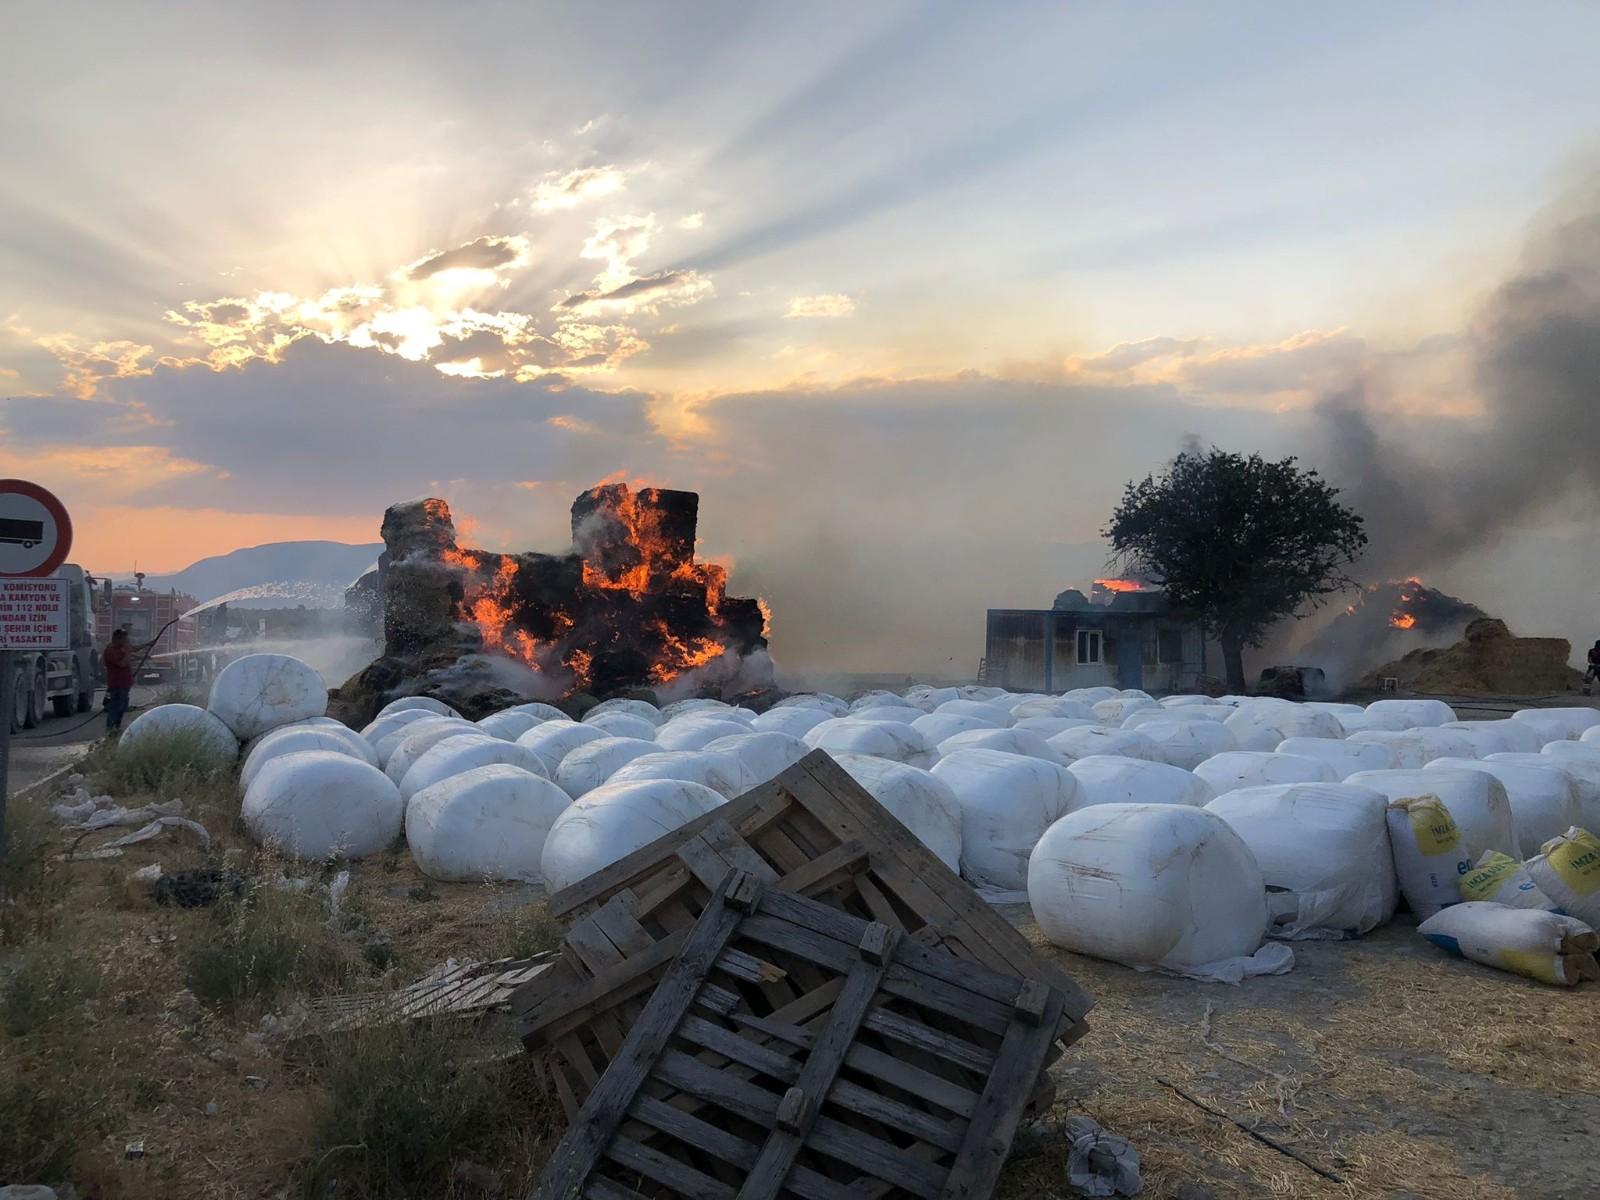 Tır üzerindeki saman balyaları alev alev yandı #burdur